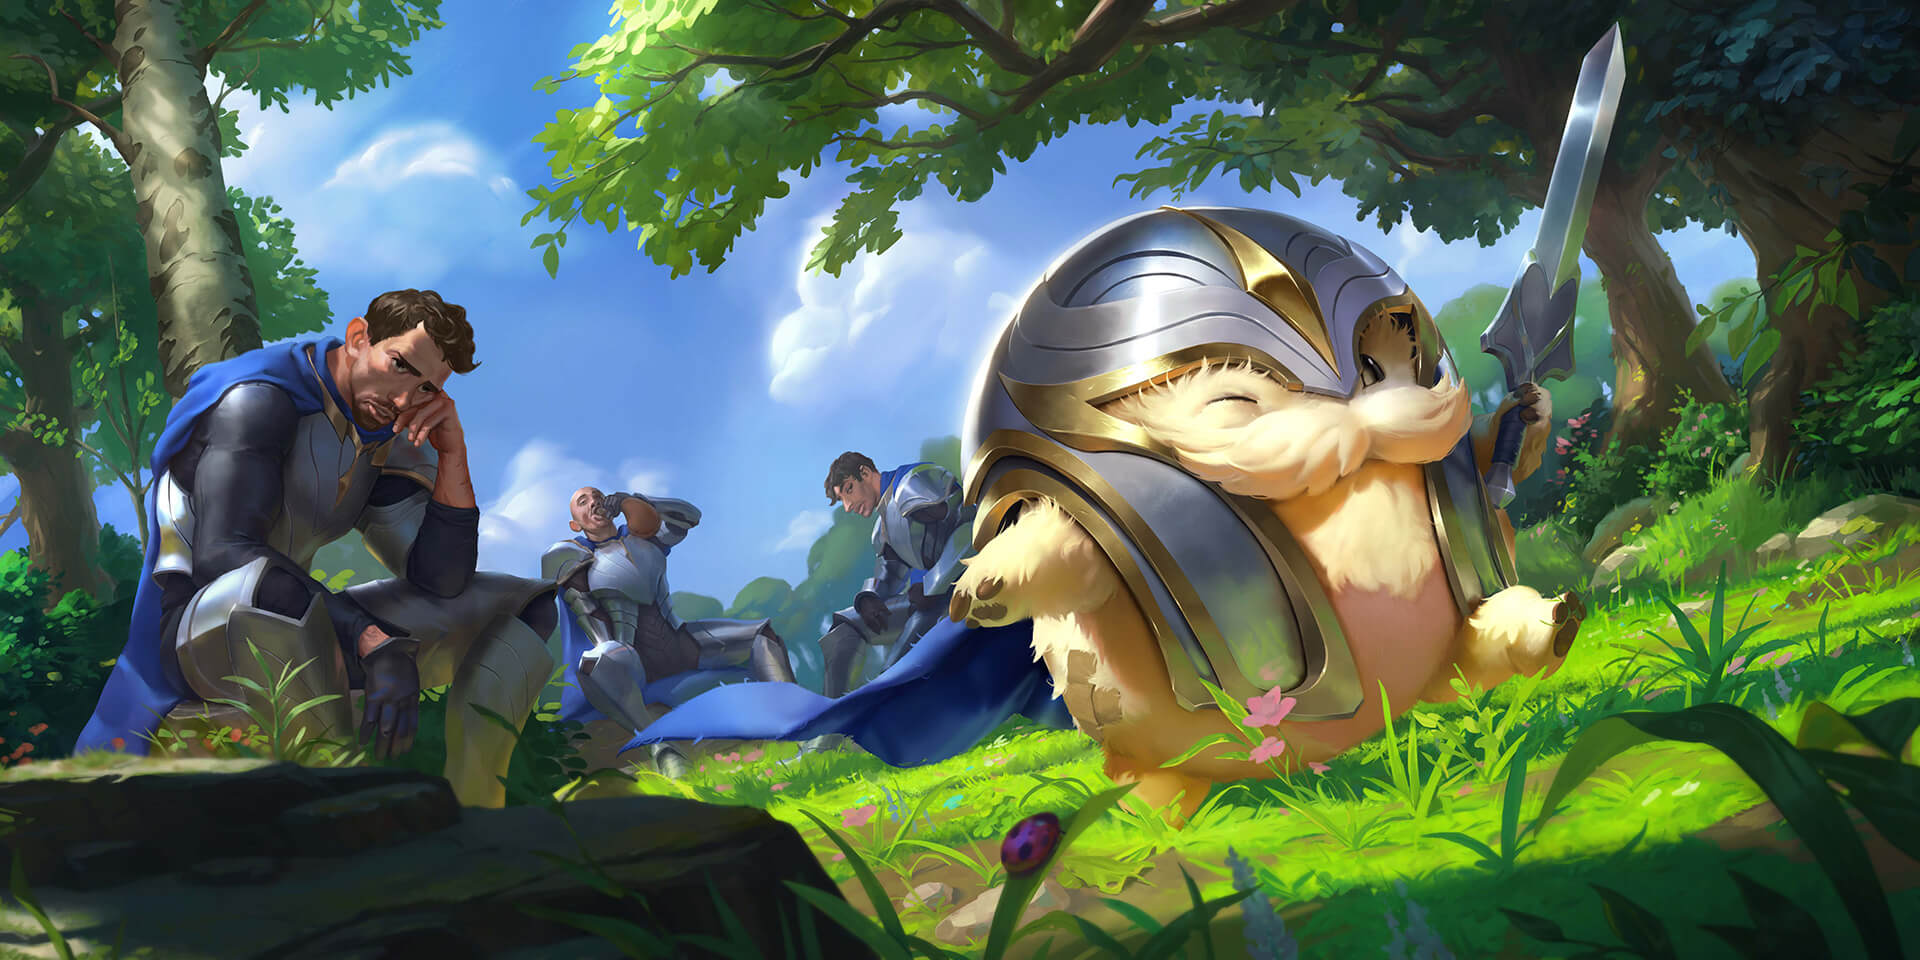 Le mode Draft arrive sur Legends of Runeterra dès aujourd'hui